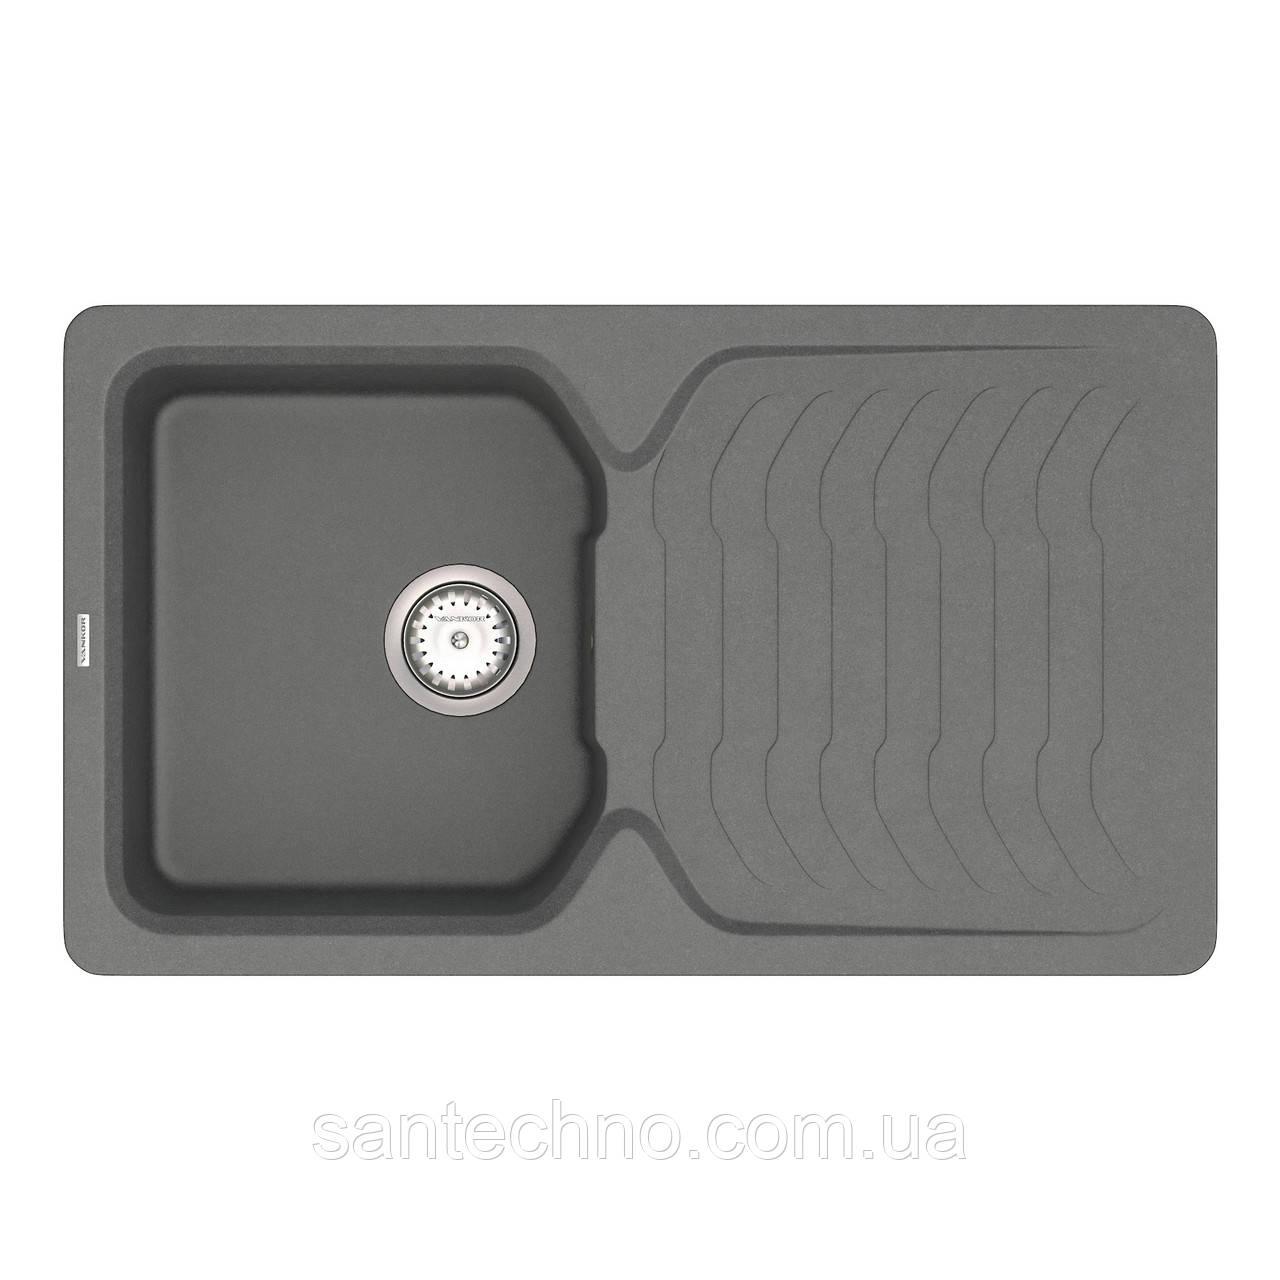 Кухонная мойка из искусственного камня серая VANKOR Sigma SMP 02.85 Gray + сифон VANKOR